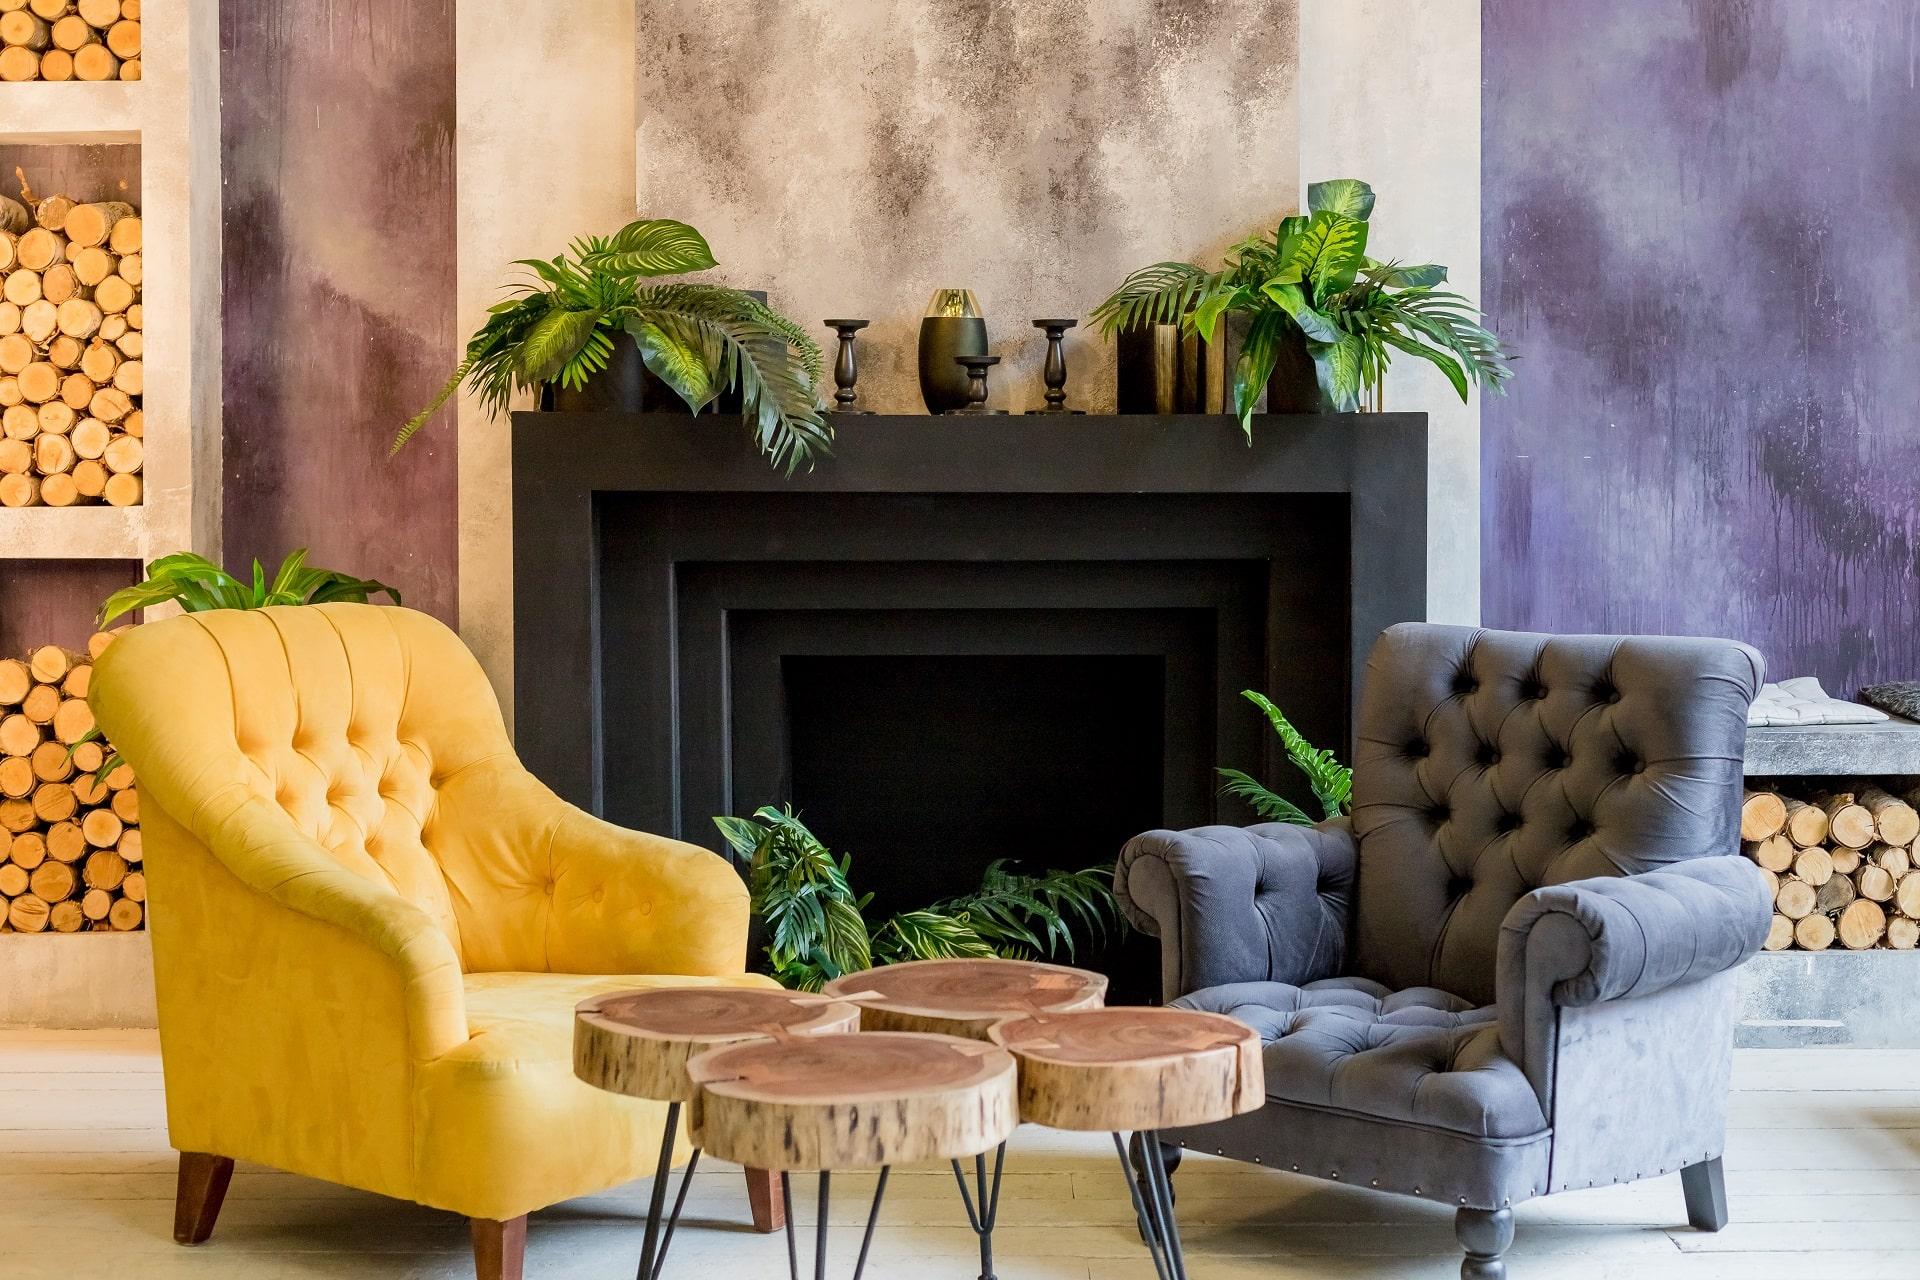 Mur d'accent dans le salon: conseils et idées